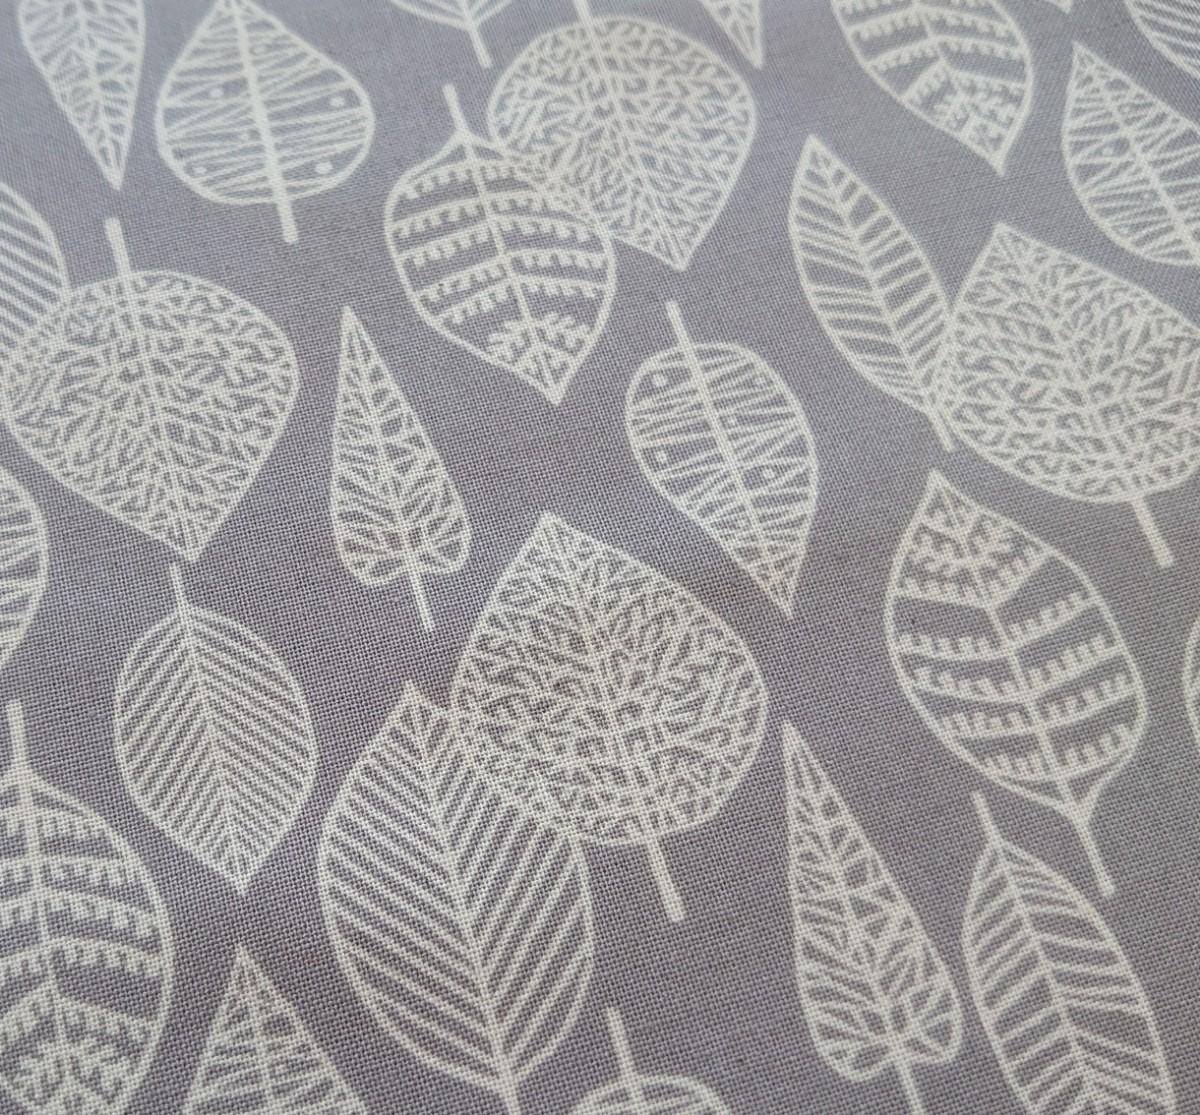 シーチング生地 日本製 小さめ透かしリーフ 葉っぱ 北欧調 110×50cm